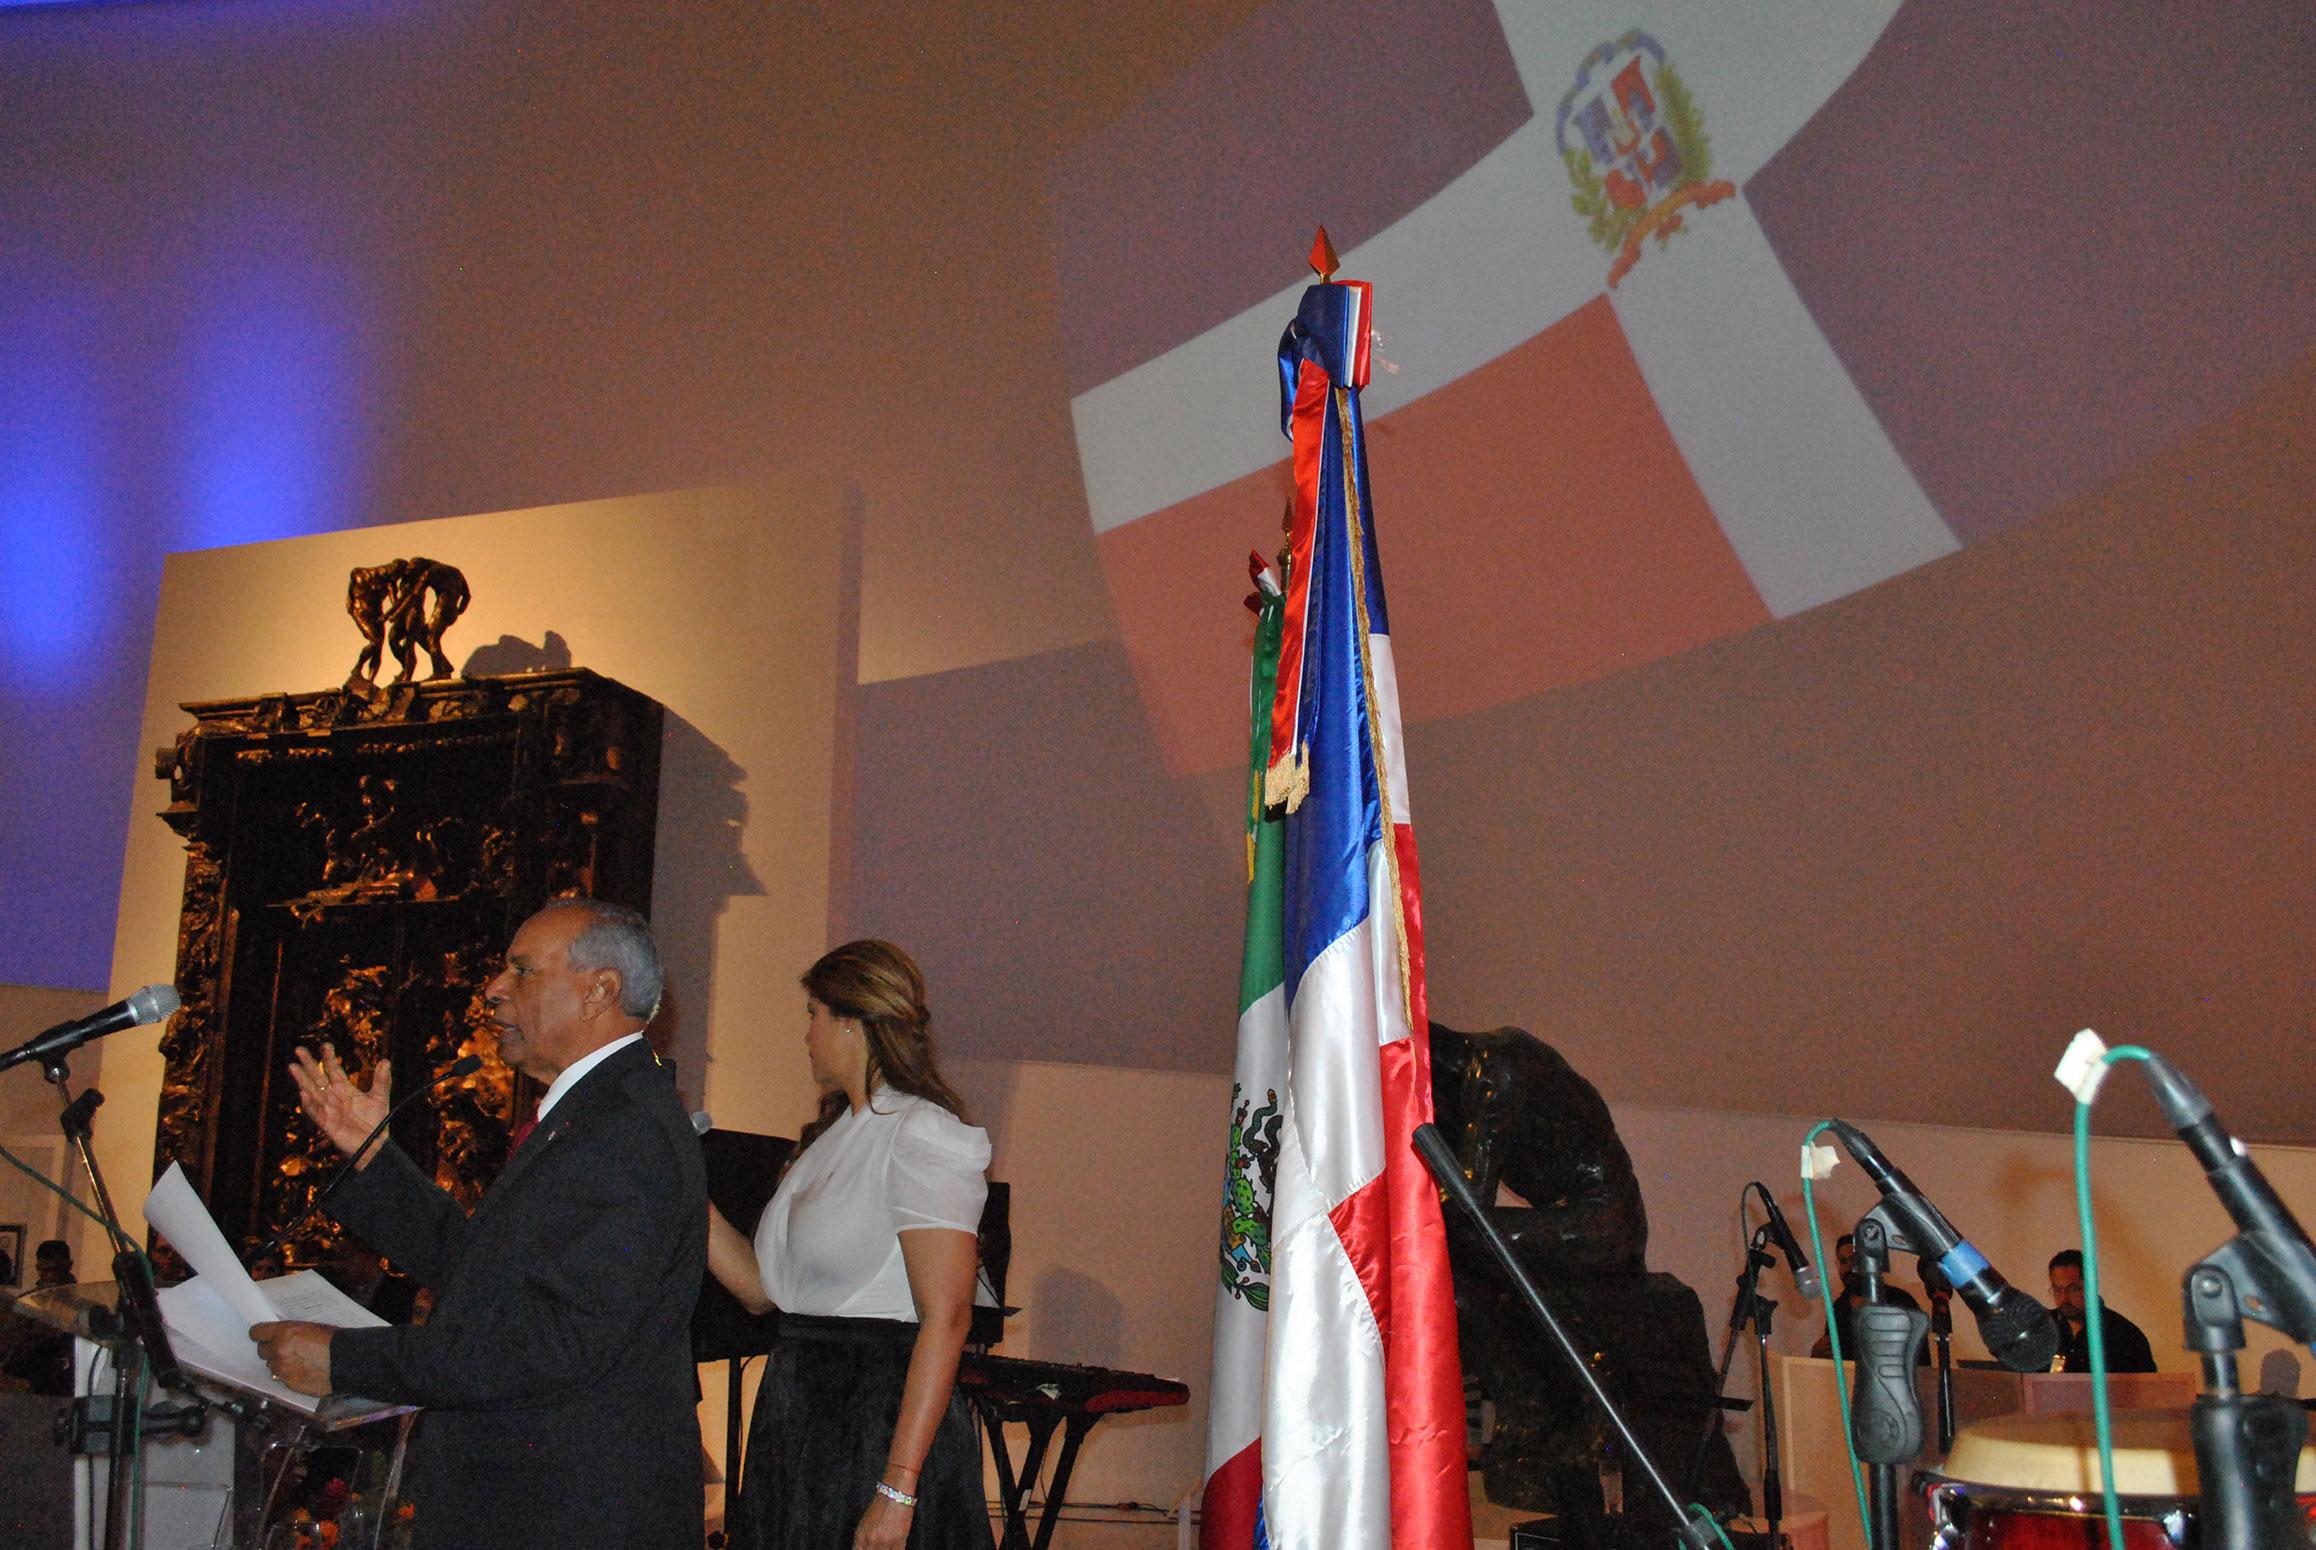 Ante La Puerta del Infierno de Augusto Rodin, dominicanos en México, encabezados por Fernando Antonio Pérez Memén, embajador de República Dominicana, celebraron su día nacional